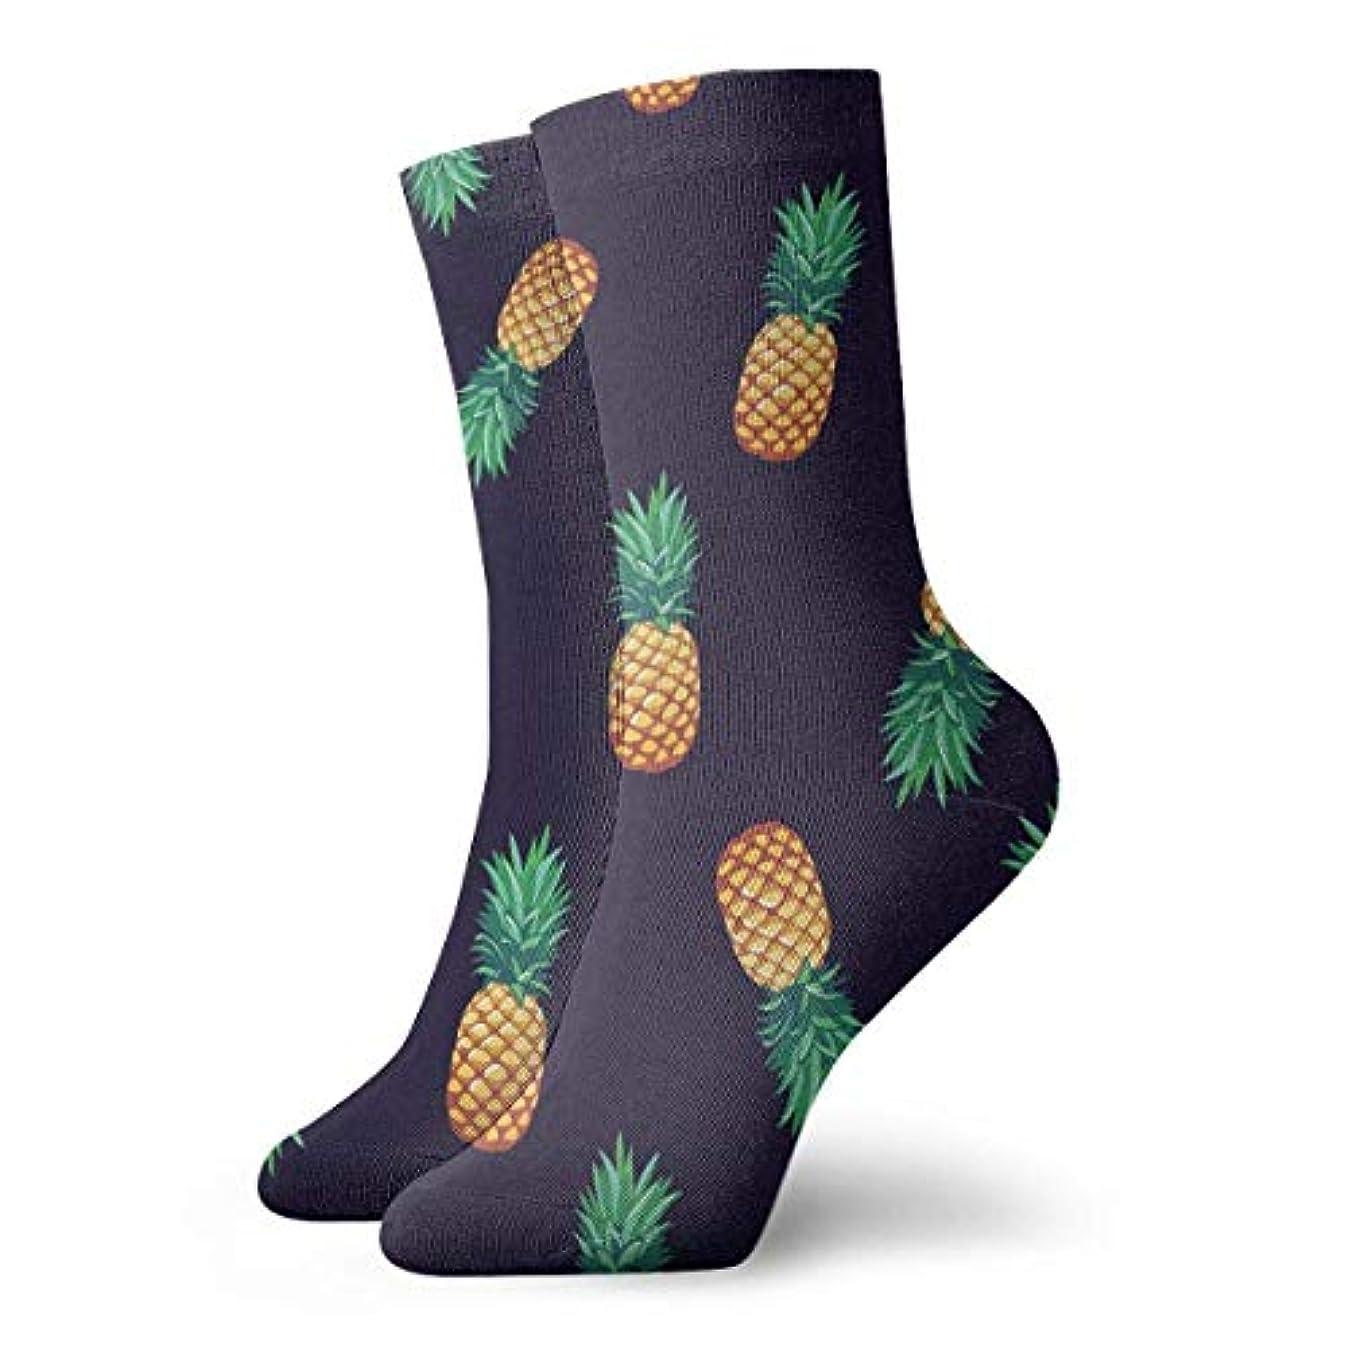 アロング二プレフィックススカイラインパターン柄ソックス靴下柄靴下靴下柄柄青